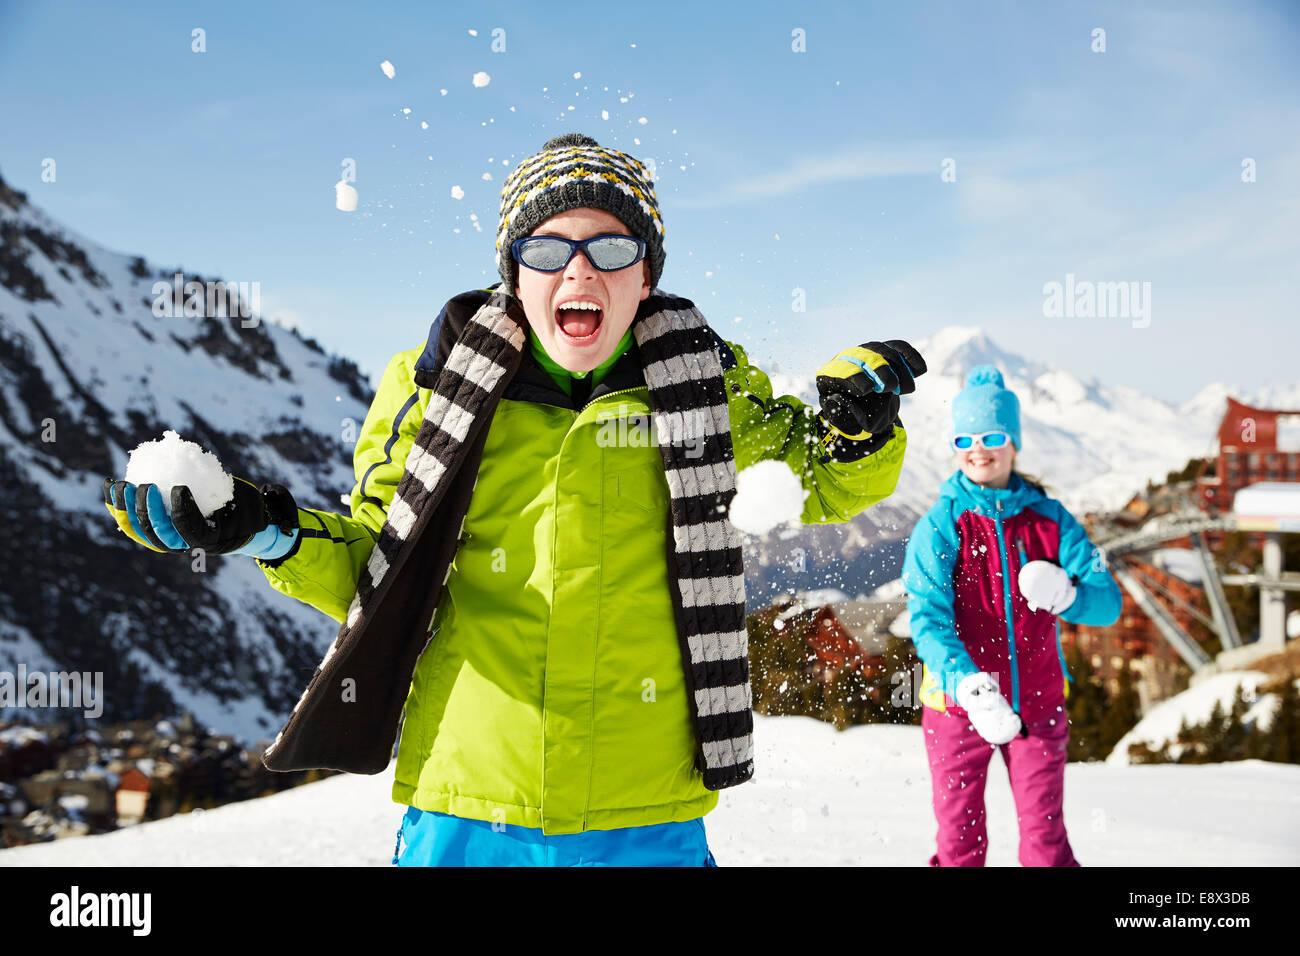 Geschwister mit Schneeball kämpfen Stockbild